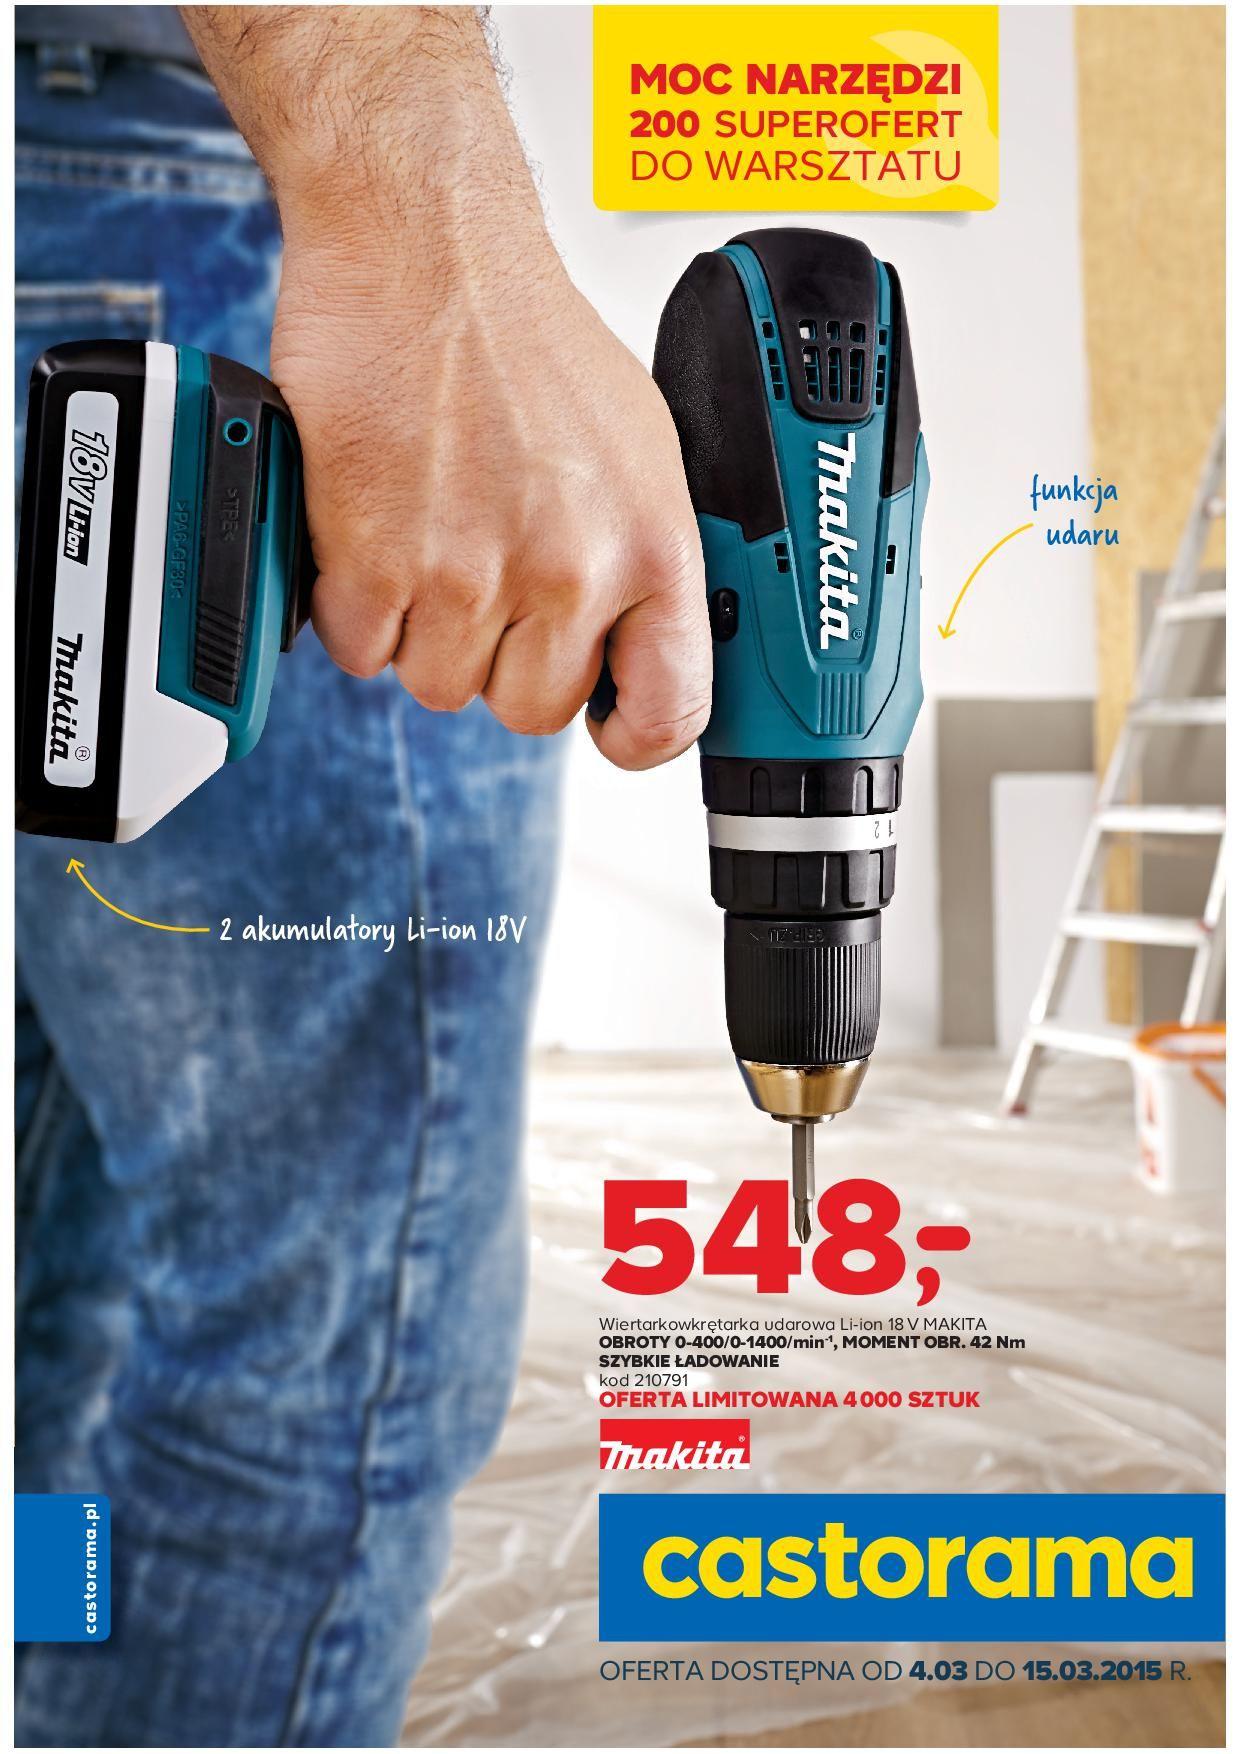 Moc Narzedzi W Castoramie Az 200 Atrakcyjnych Ofert Ktore Zadowola Nawet Najbardziej Wybrednych Majsterkowiczow Htt Vacuum Cleaner Vacuums Home Appliances